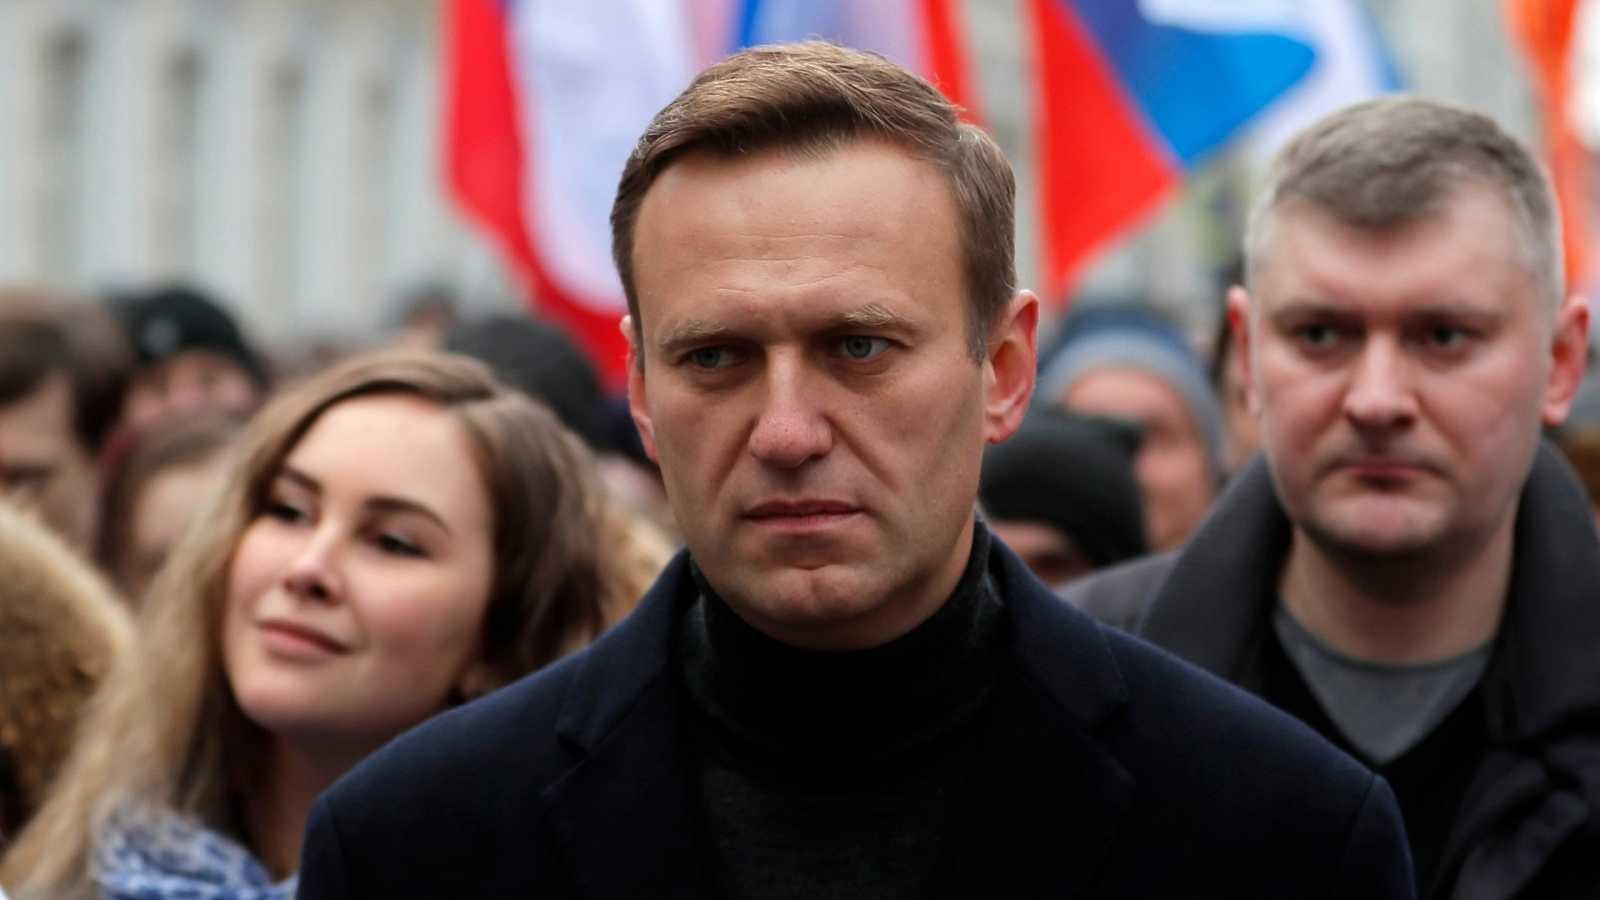 """Alemania halla """"pruebas inequívocas"""" de que Navalny fue envenenado en Rusia con un agente nervioso"""